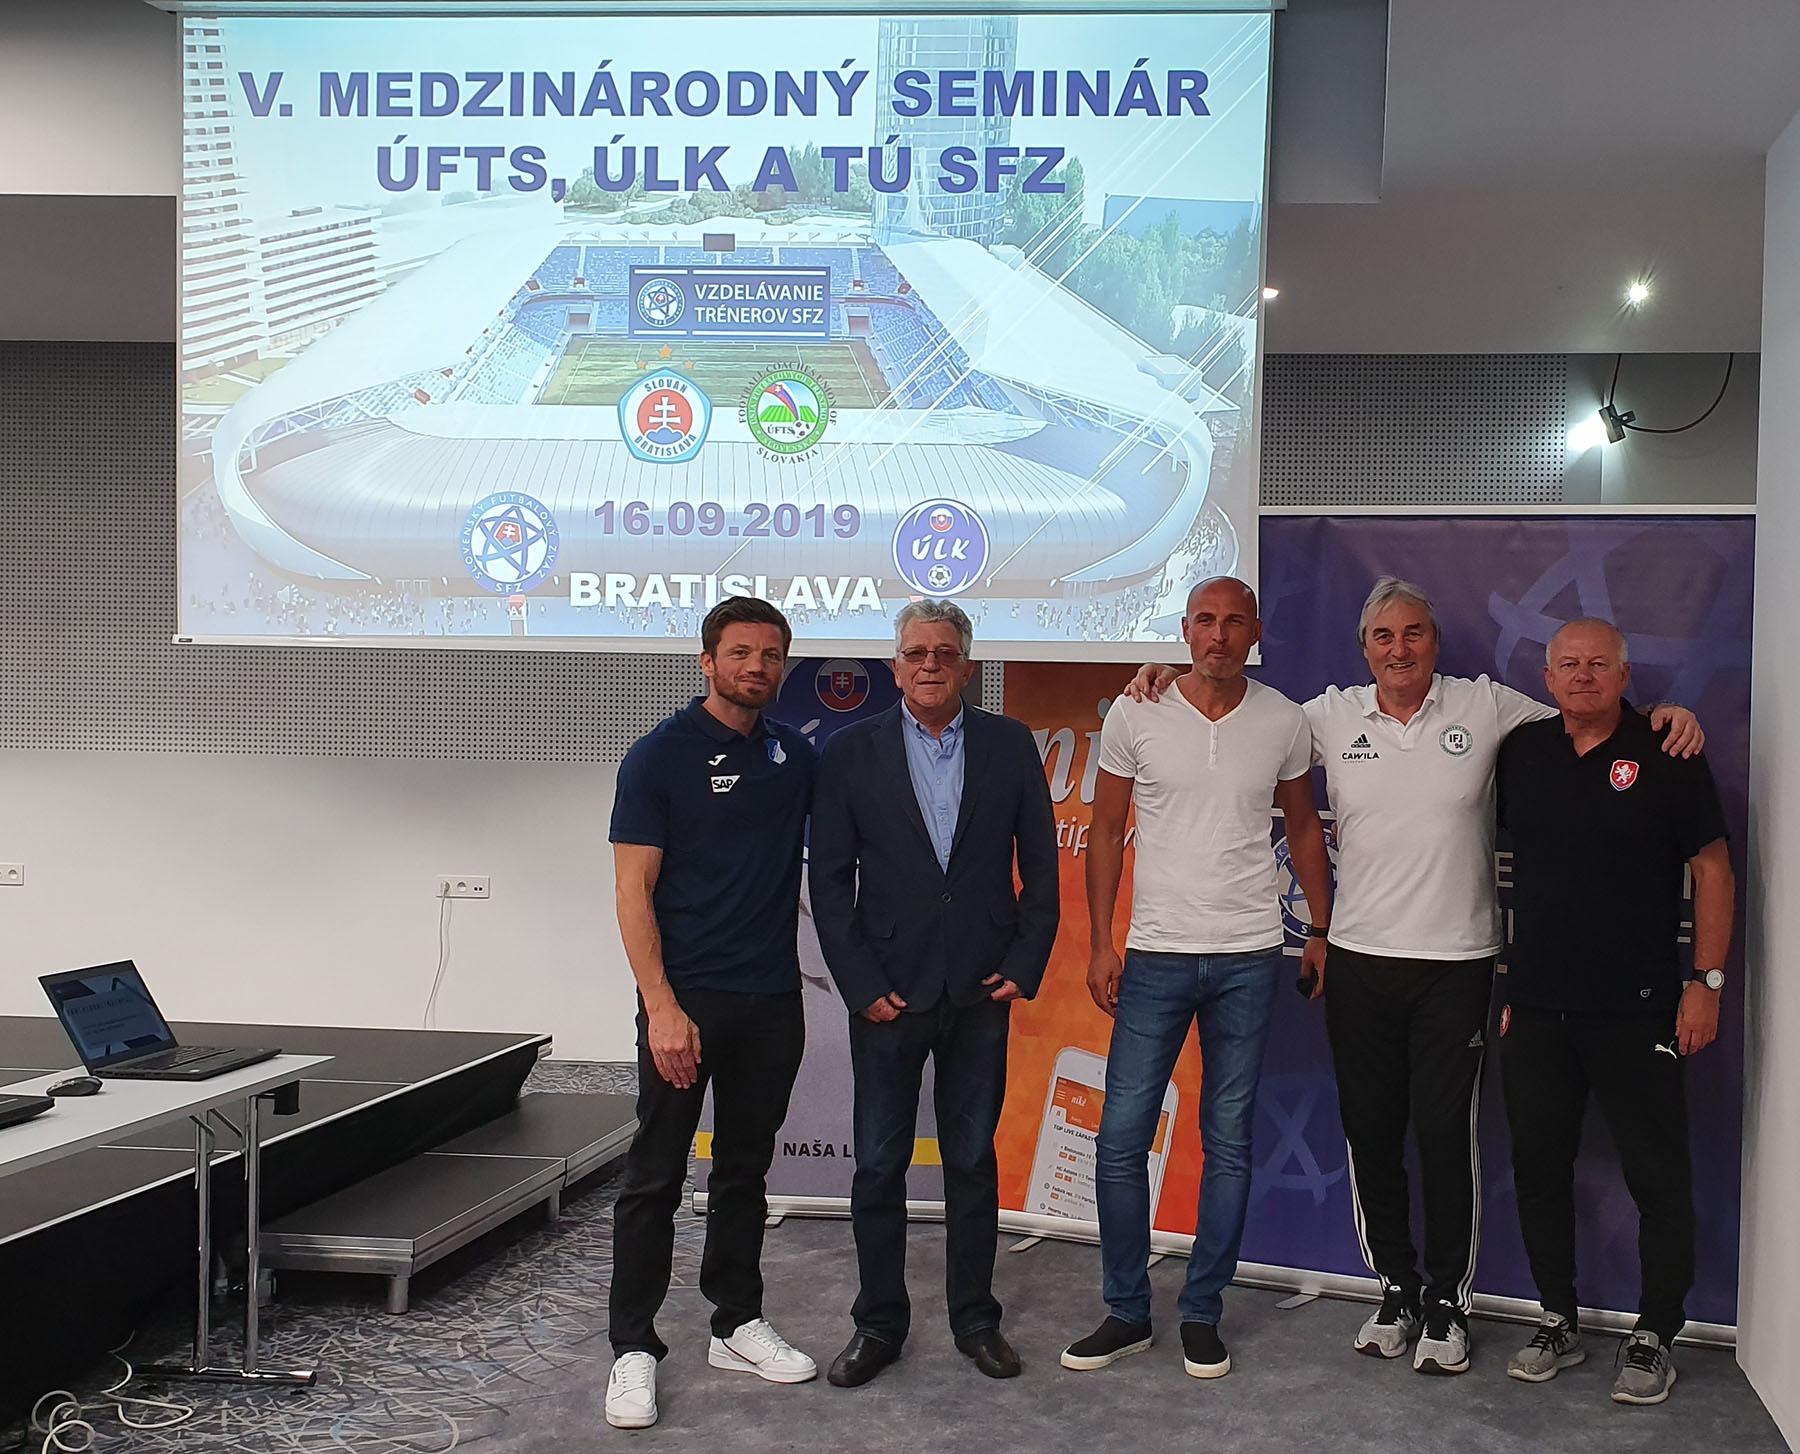 Philipp Dahm und Peter Schreiner waren Referenten in der Slowakei.